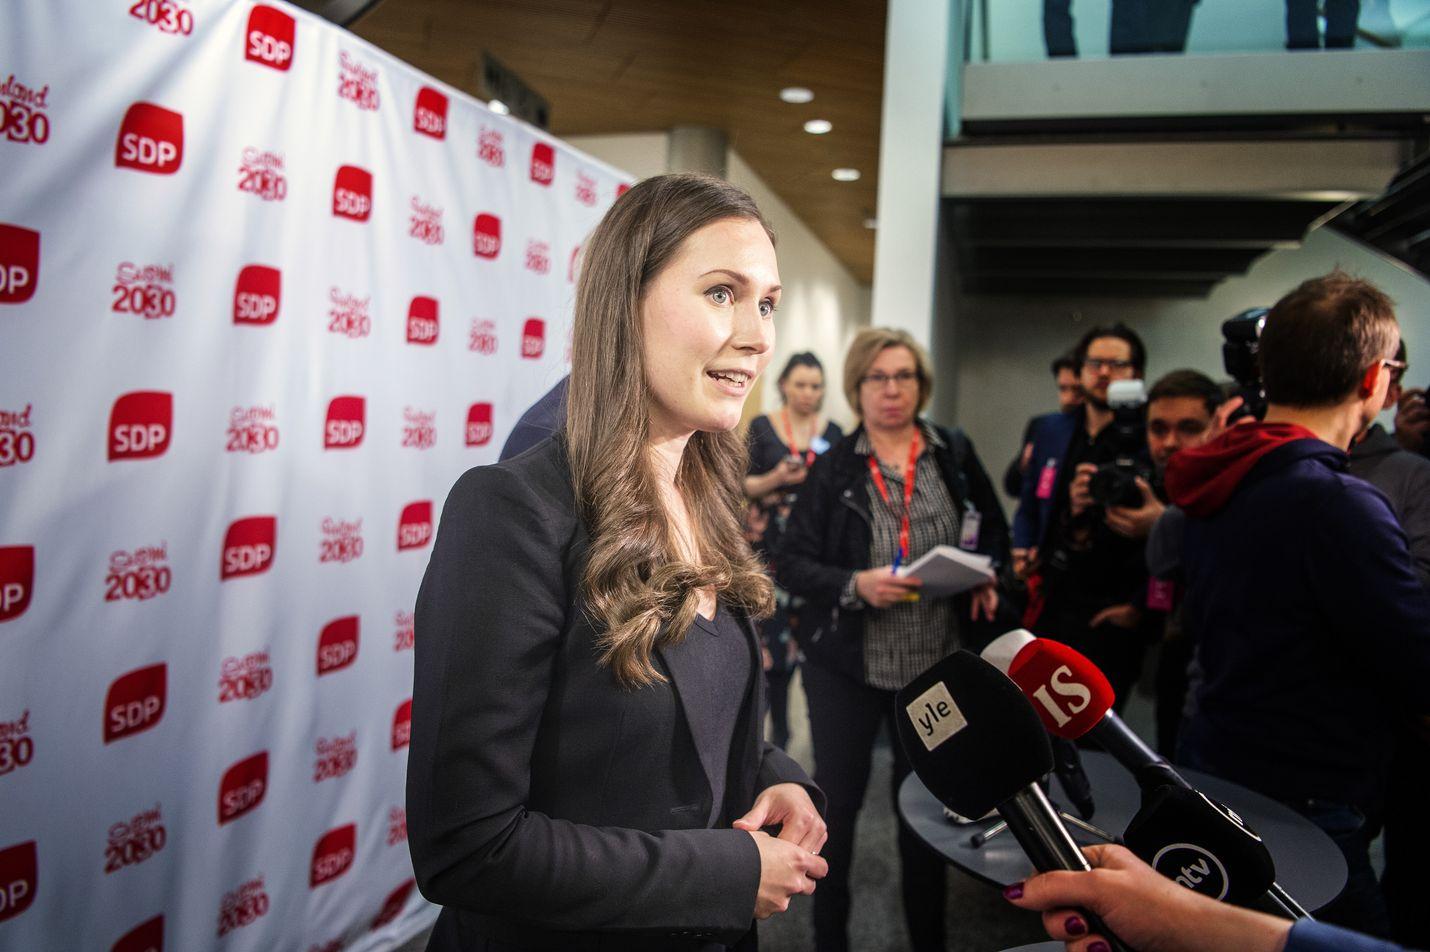 Sdp:n Sanna Marin nousee pääministeriksi tiistaina.